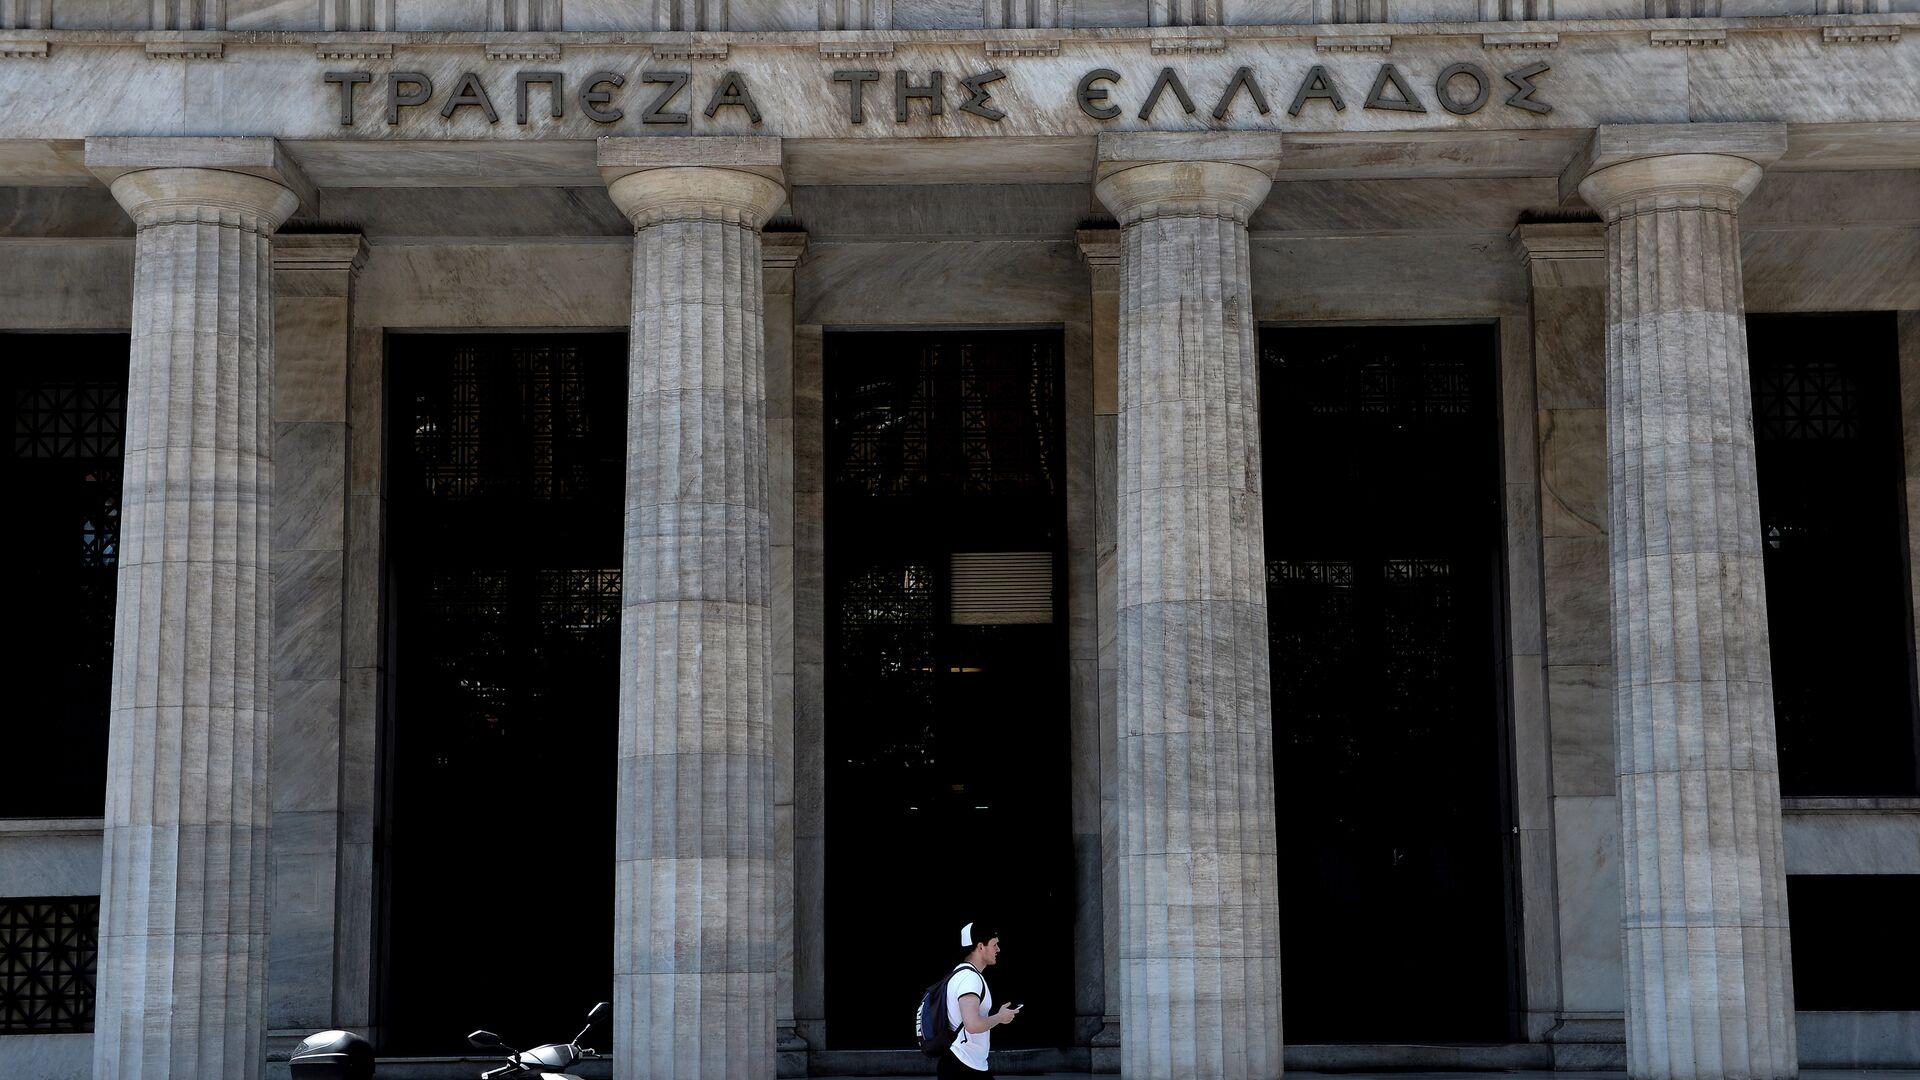 Η Τράπεζα της Ελλάδος - Sputnik Ελλάδα, 1920, 13.09.2021